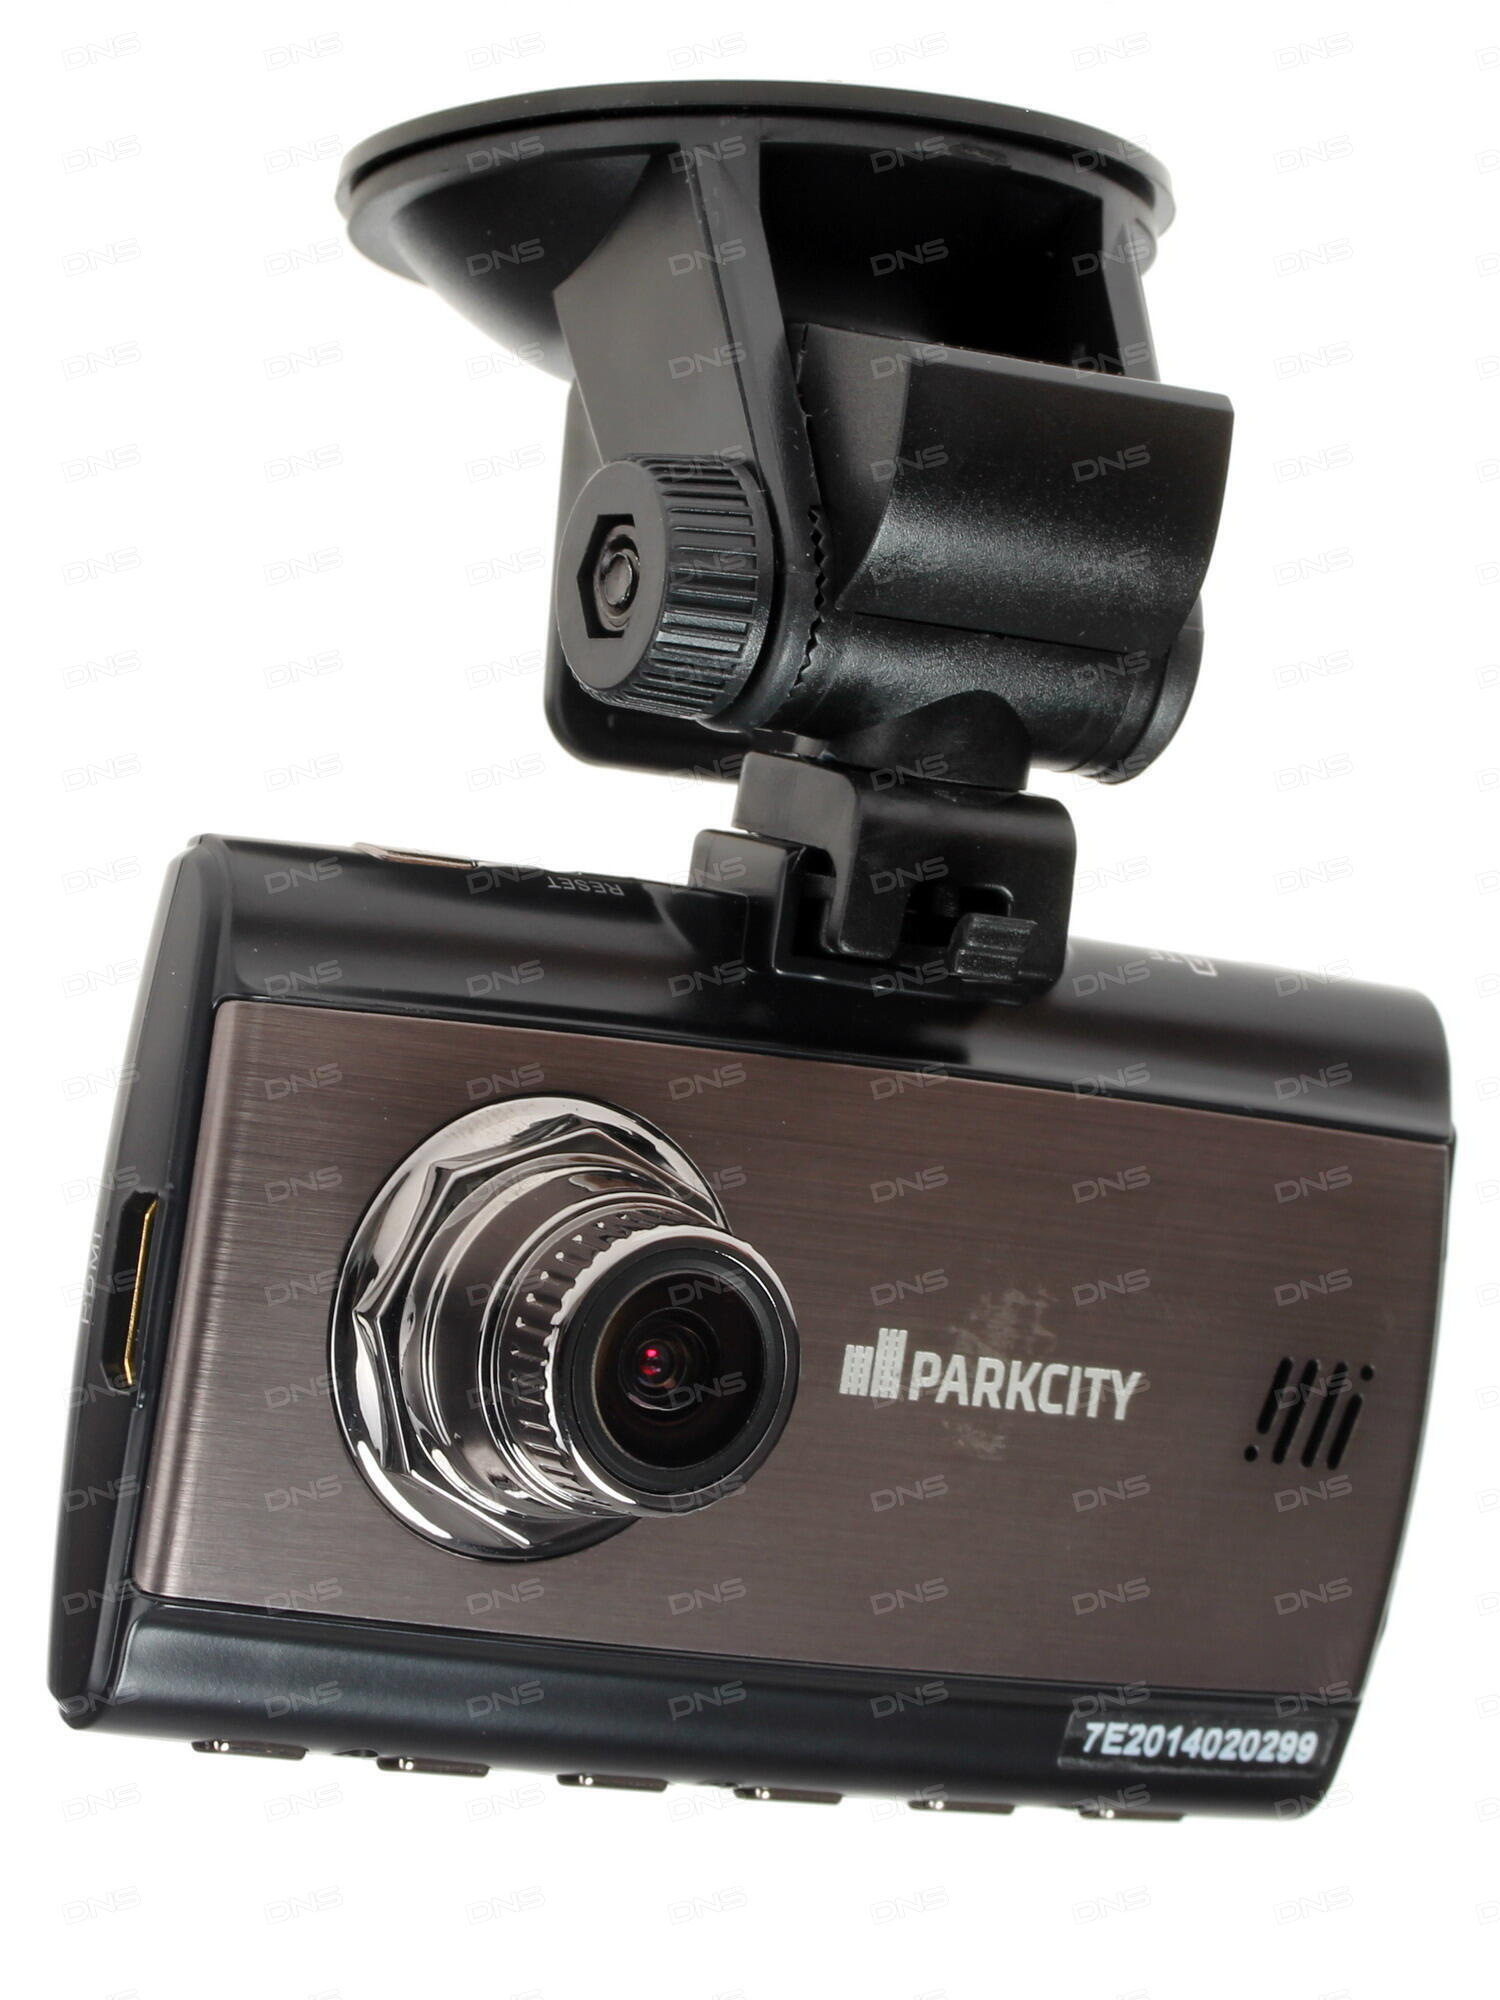 инструкция parkcity dvr-500 ь